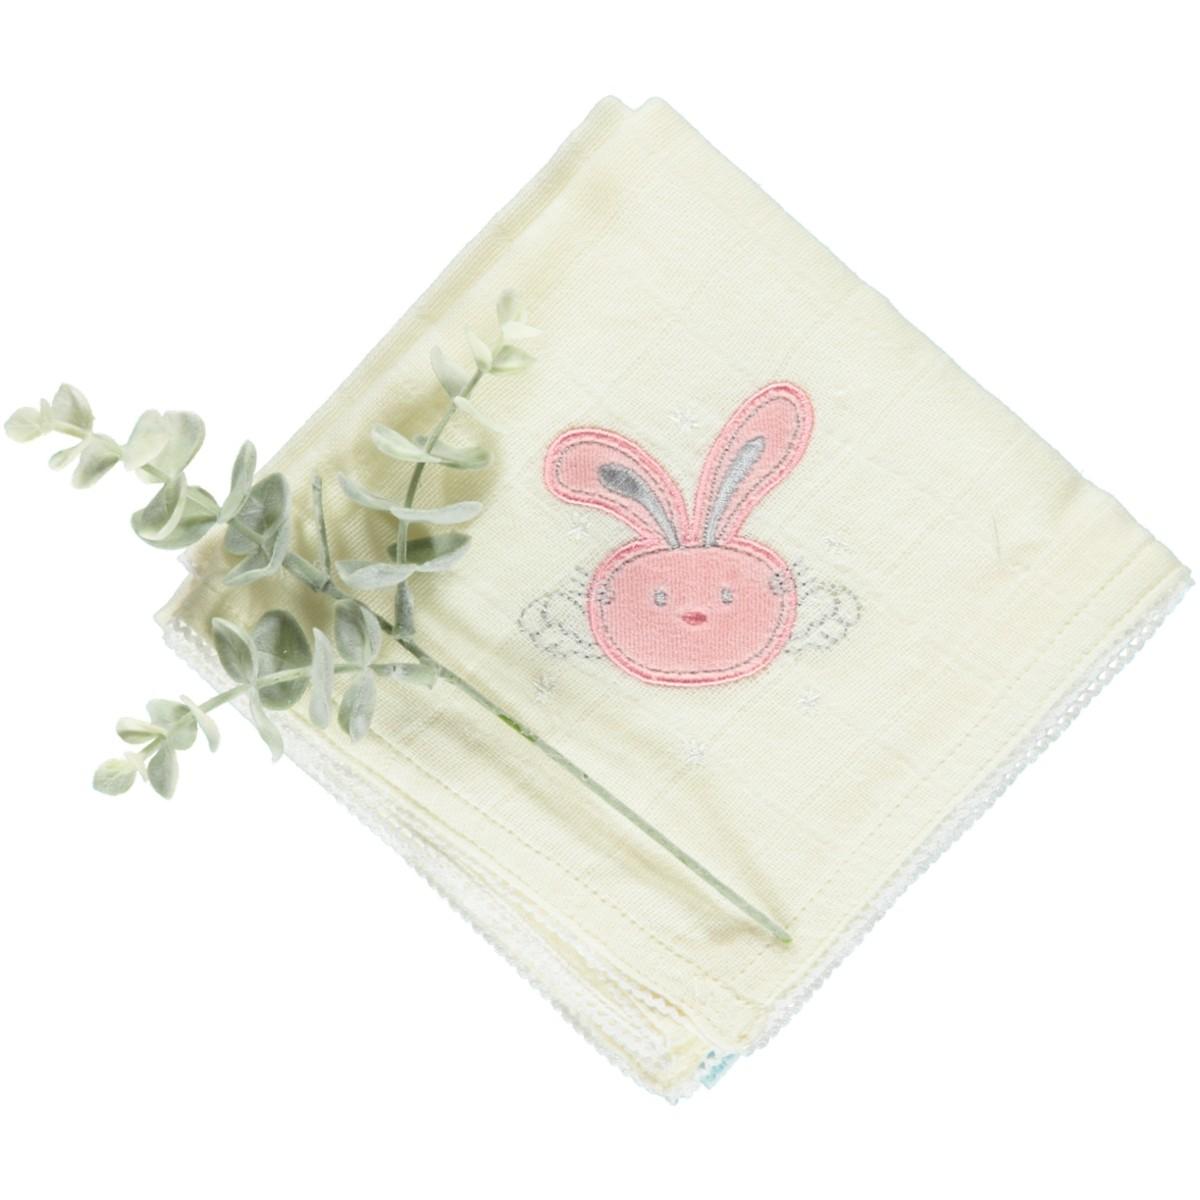 Fralda algodão orgânico